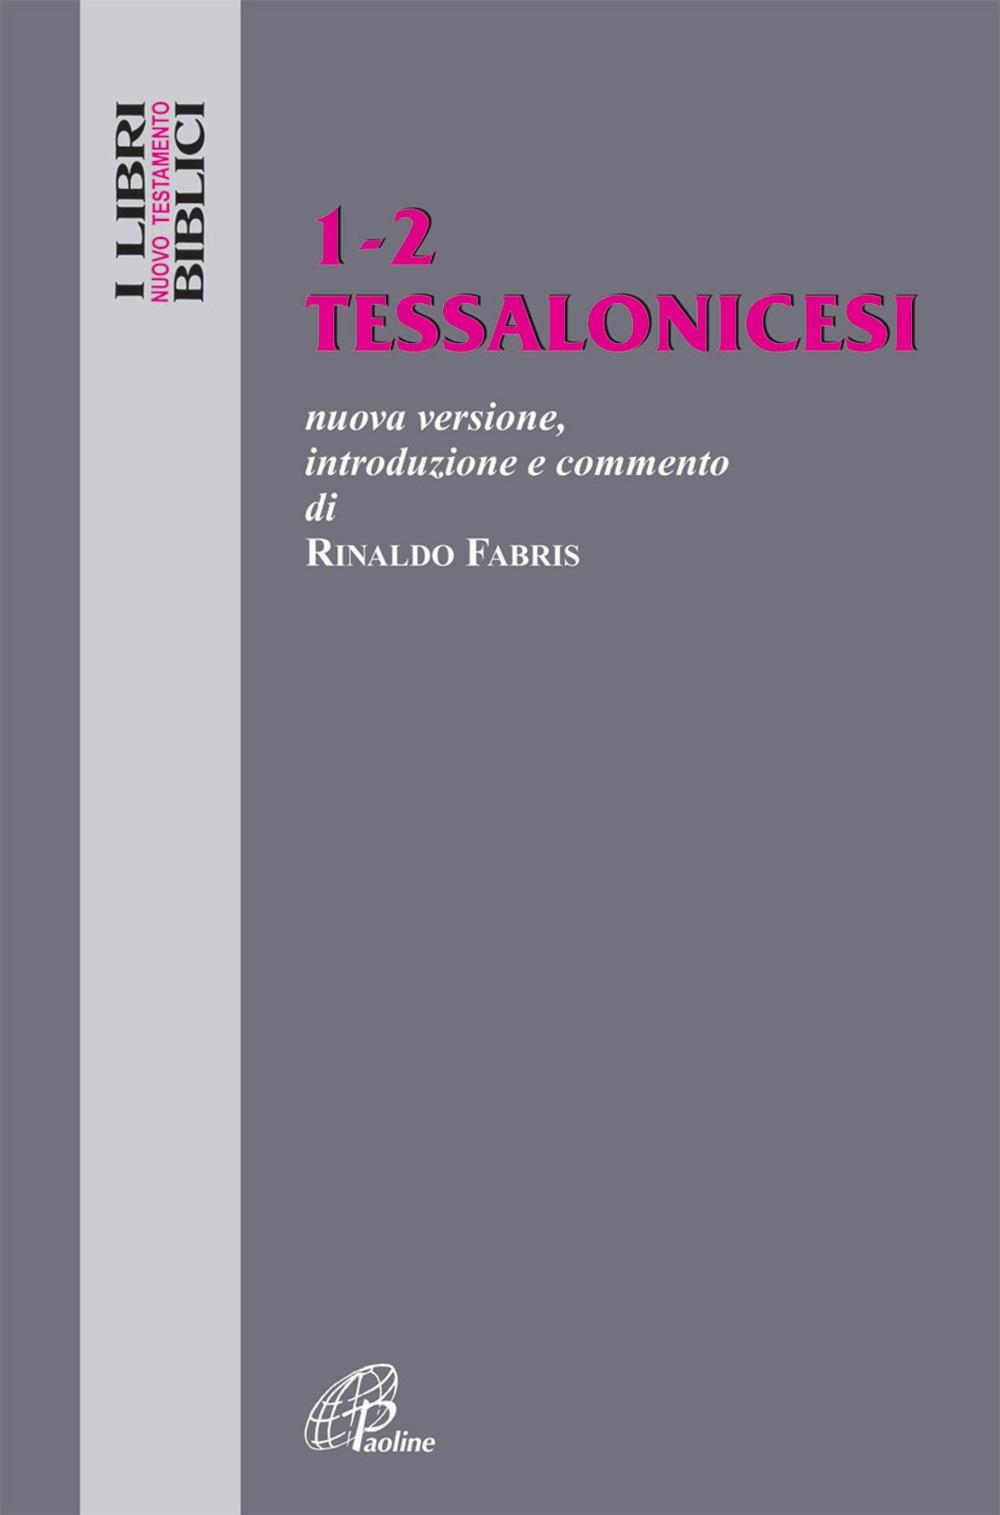 Tessalonicesi 1-2. Nuovissima Versione, Introduzione e Commento